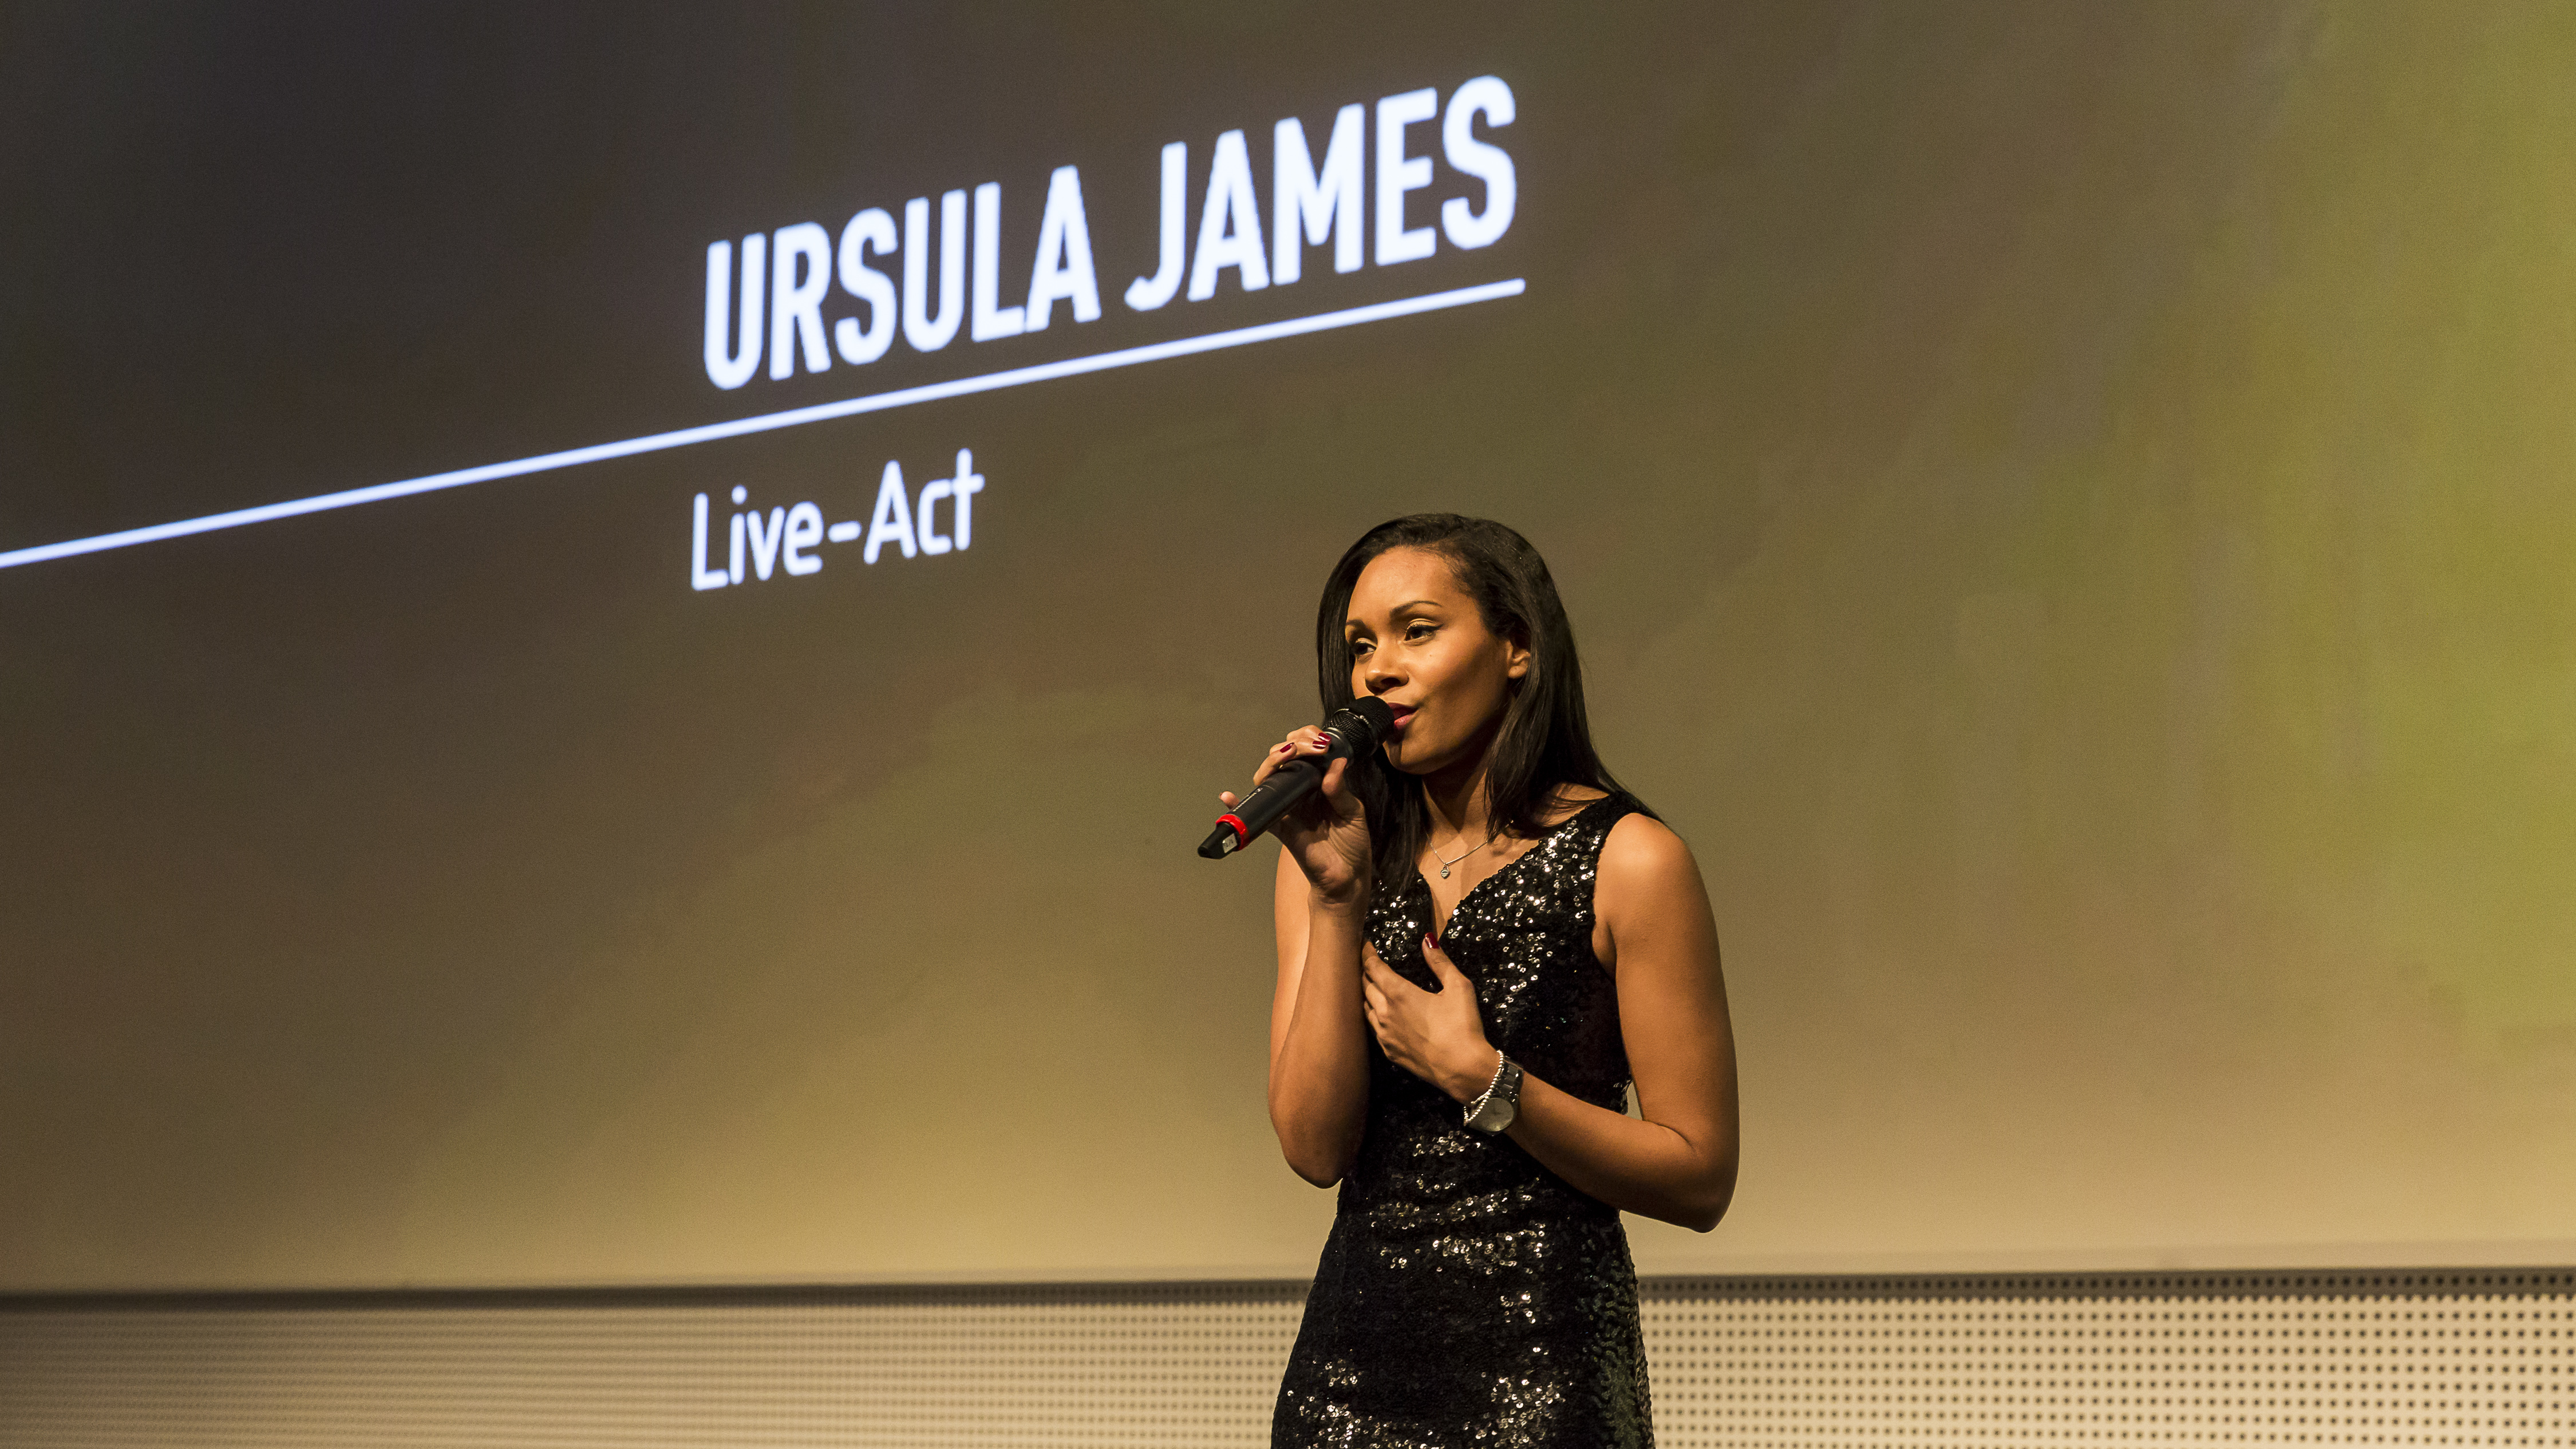 Ursula James